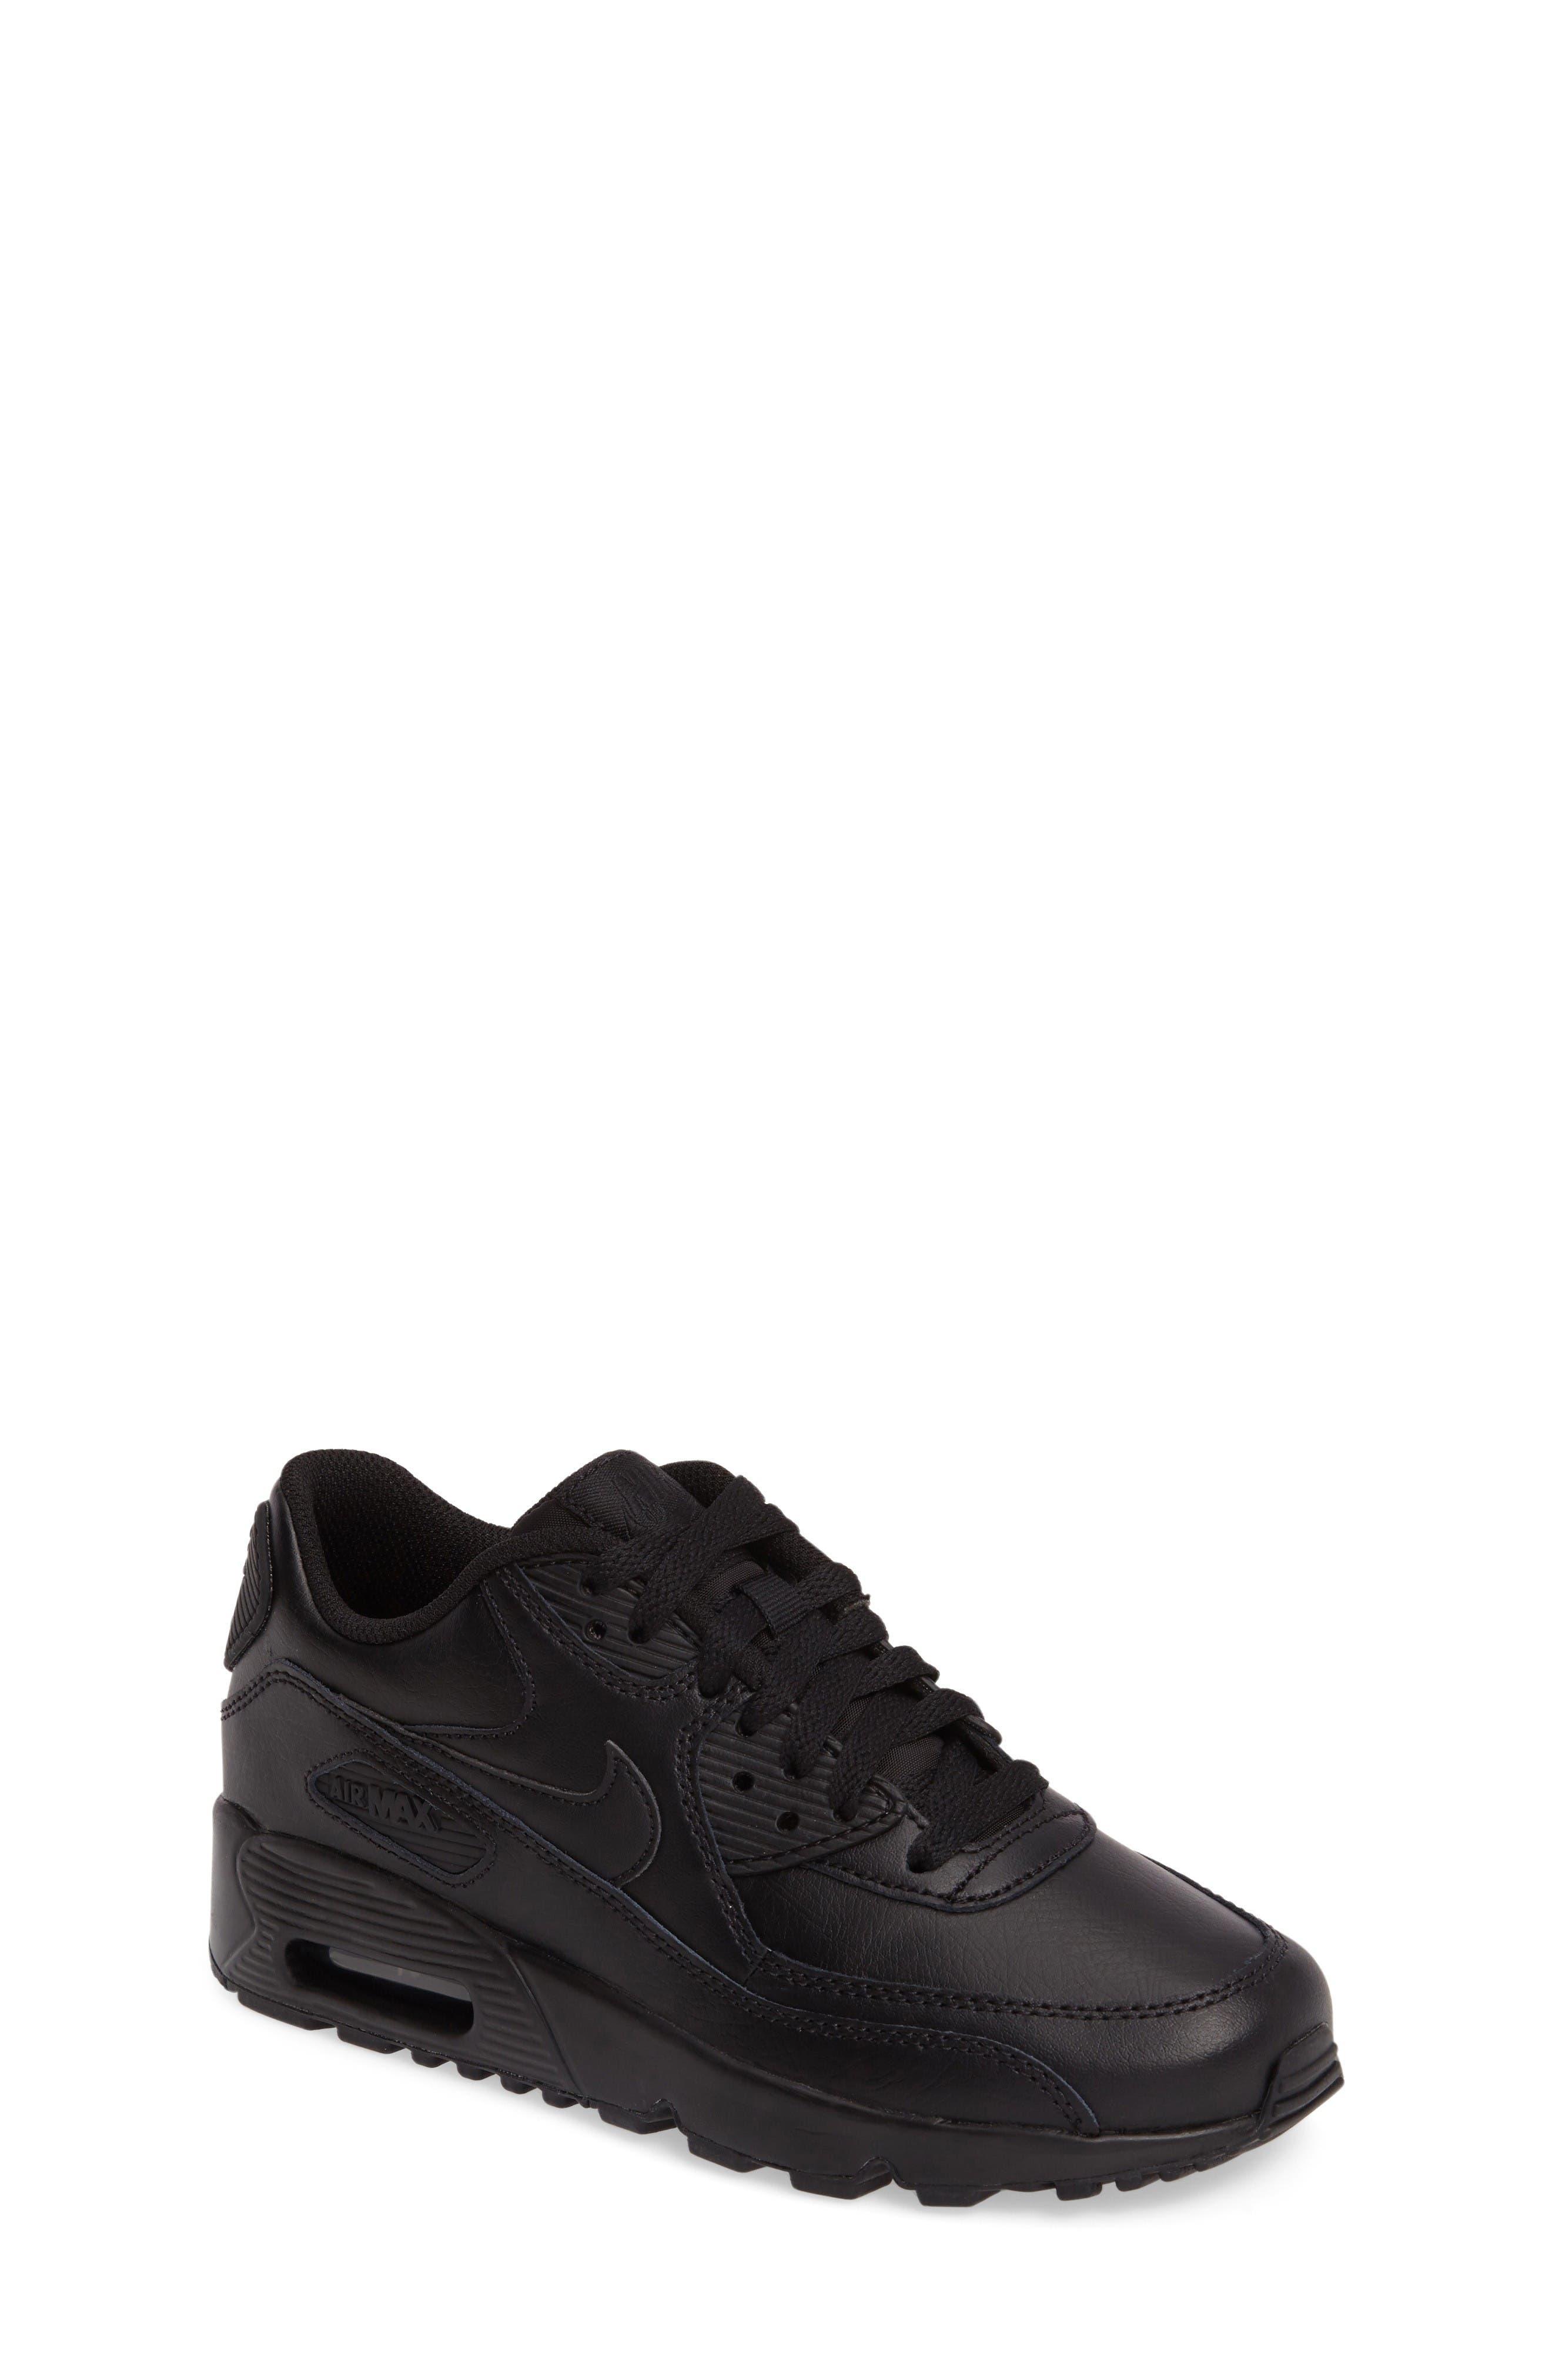 Alternate Image 1 Selected - Nike Air Max 90 Sneaker (Big Kid)